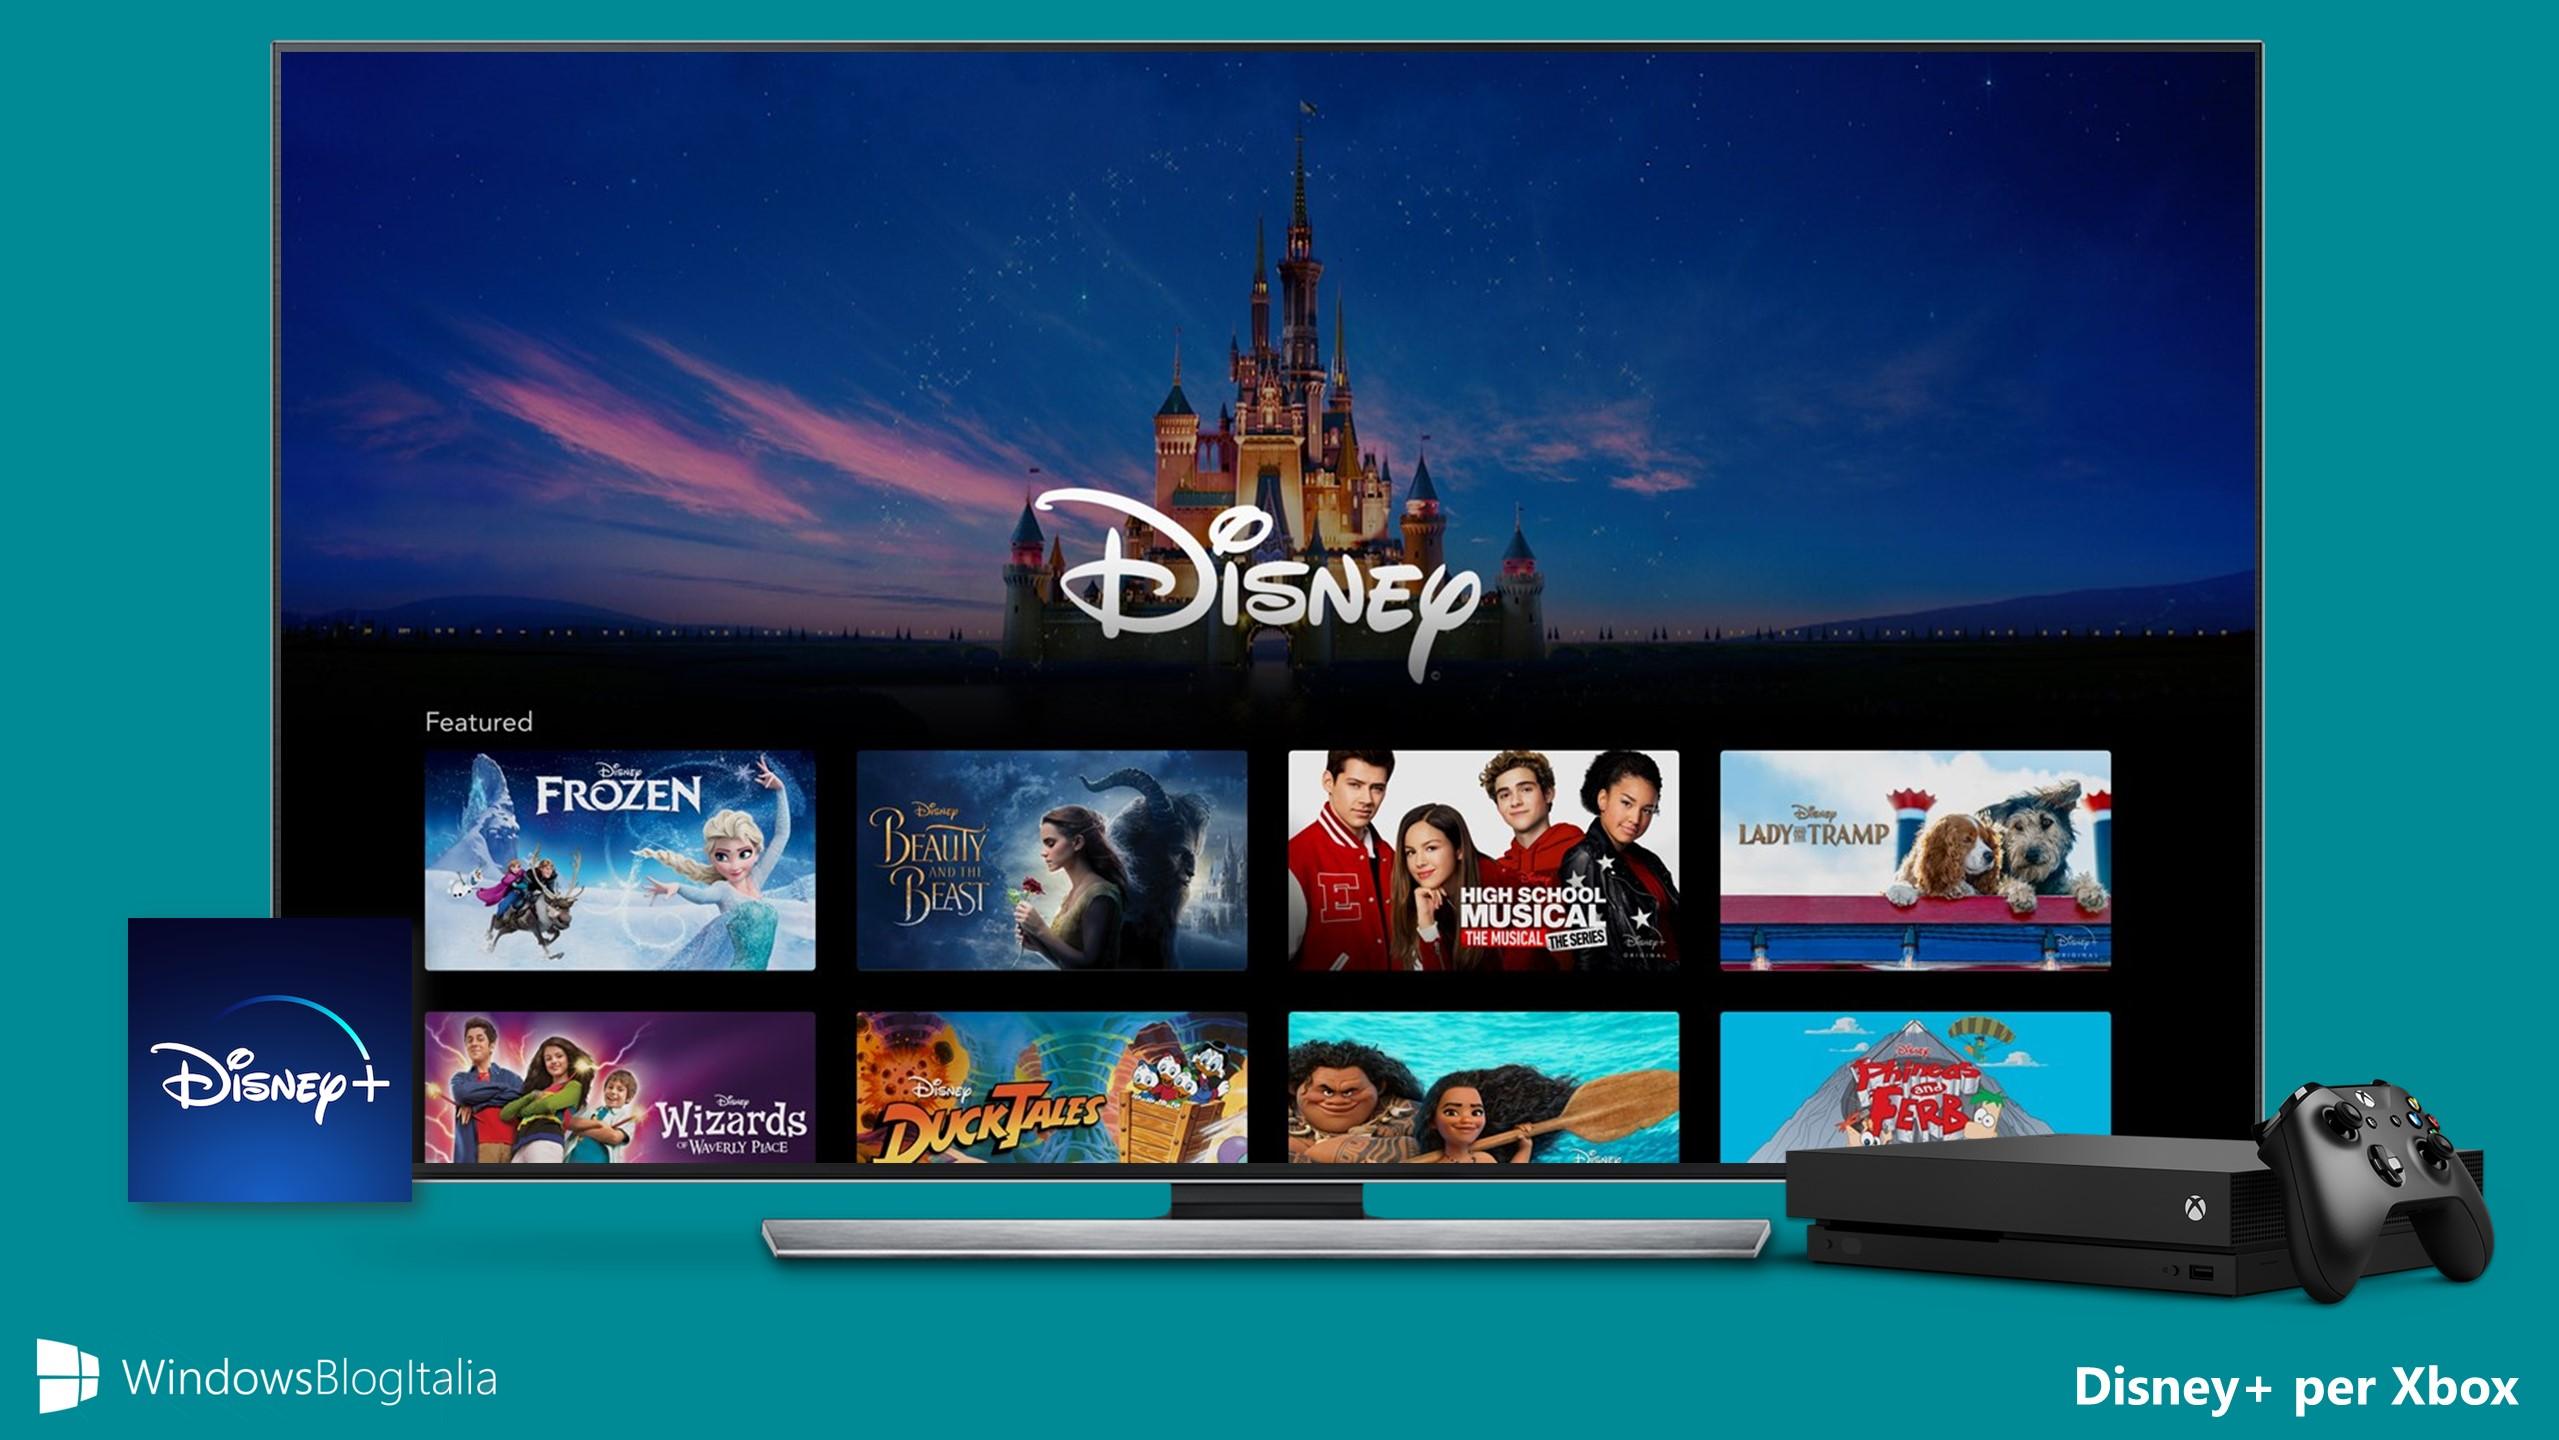 Disney+ per Xbox One